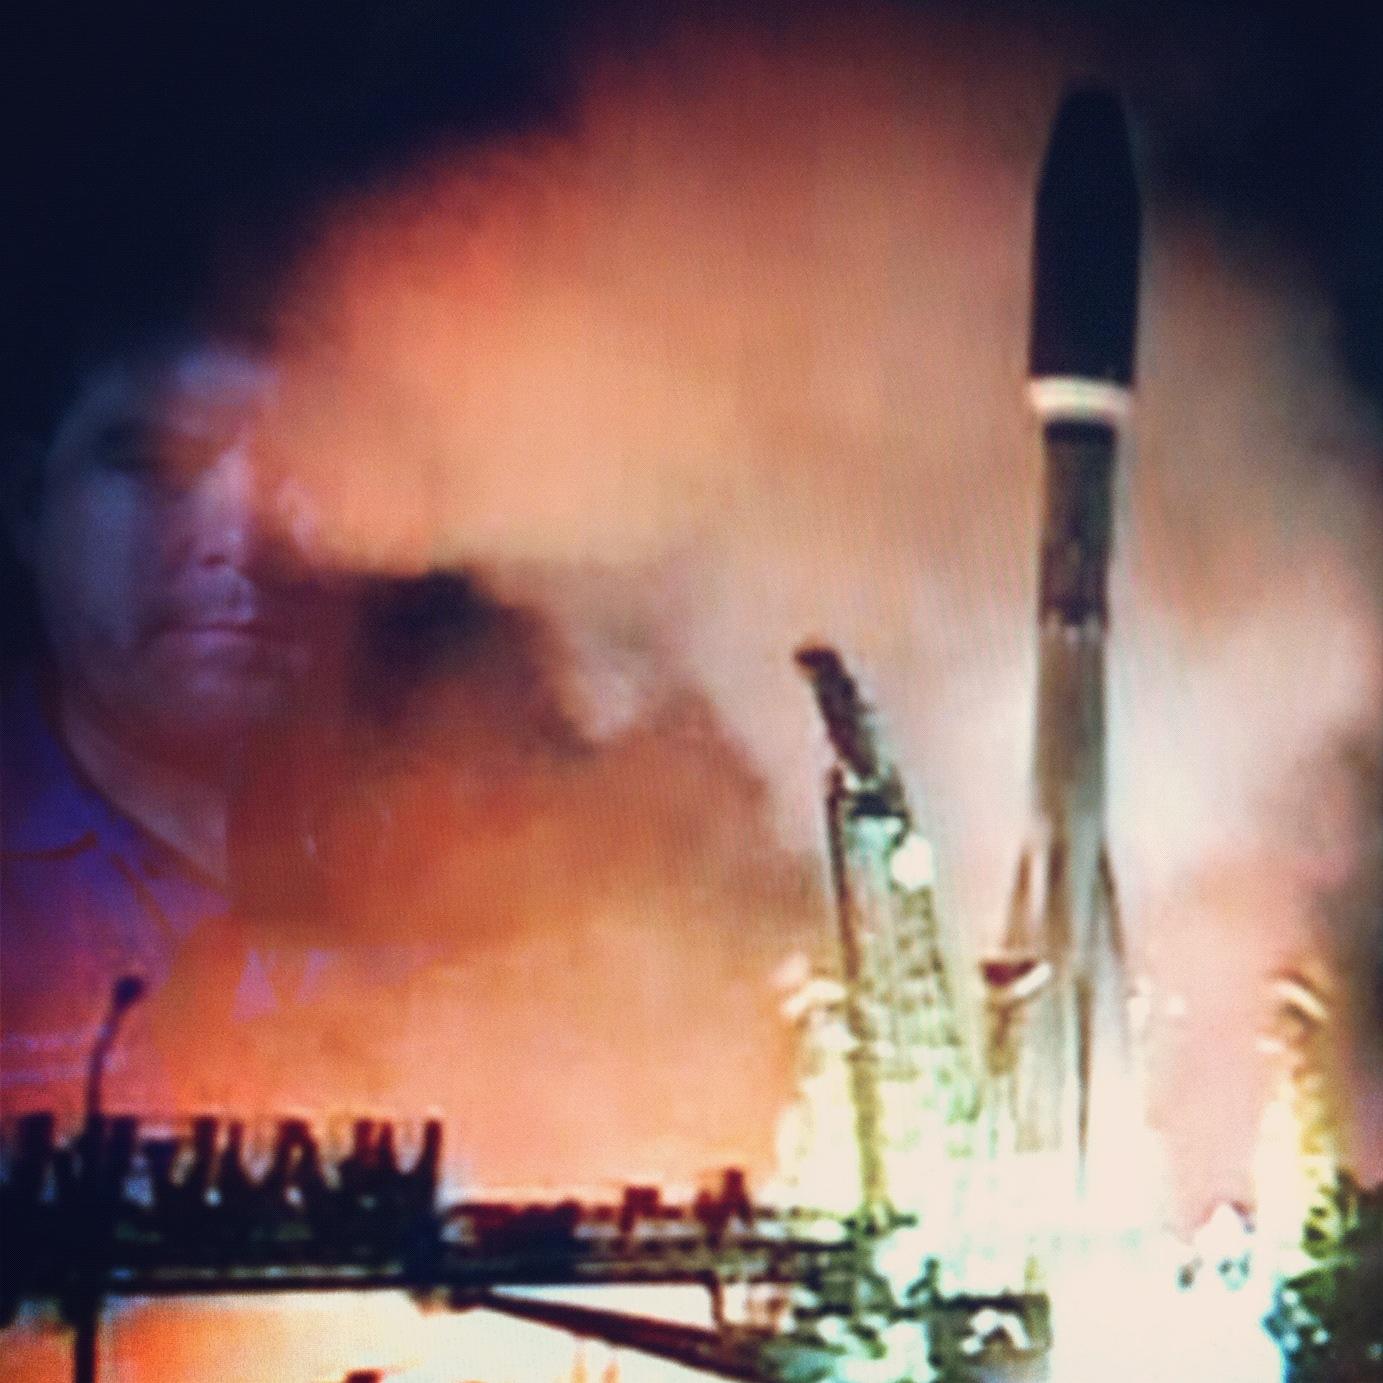 Vigilando el lanzamiento, hace escasos 20 minutos...